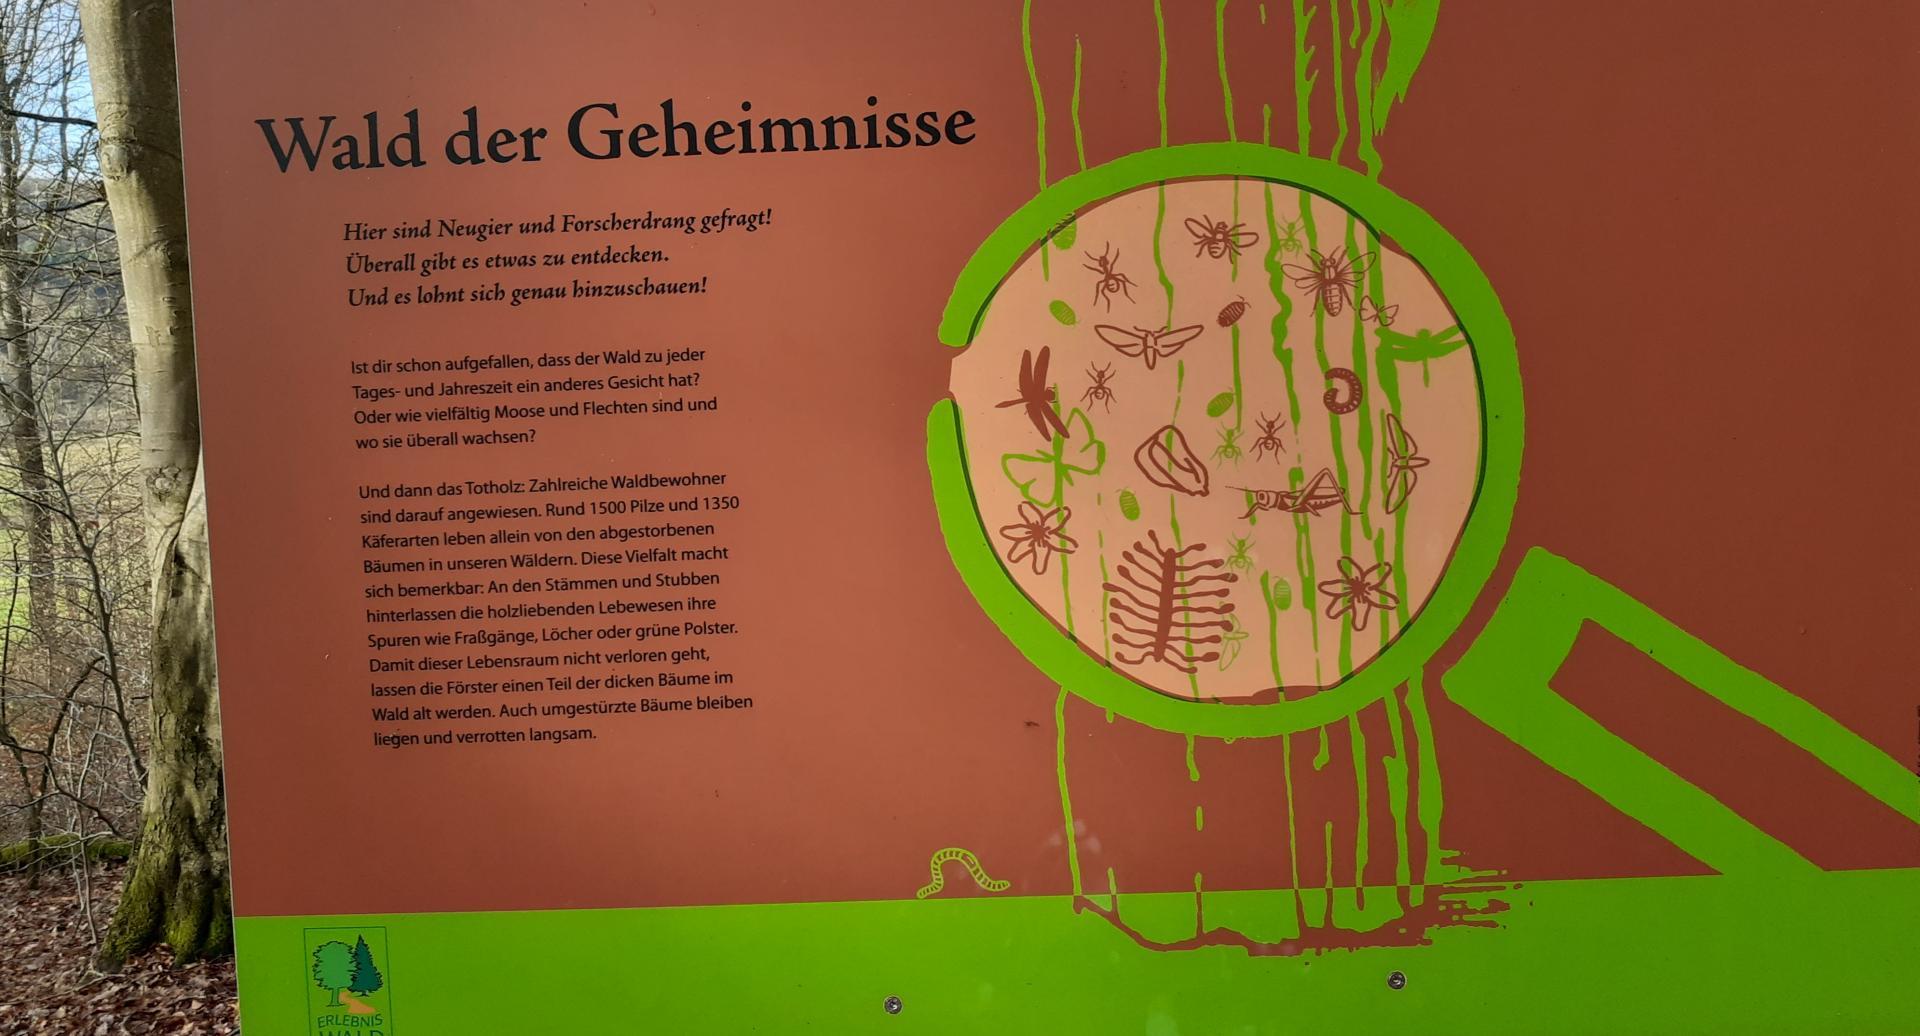 Waldgeheimnisse2